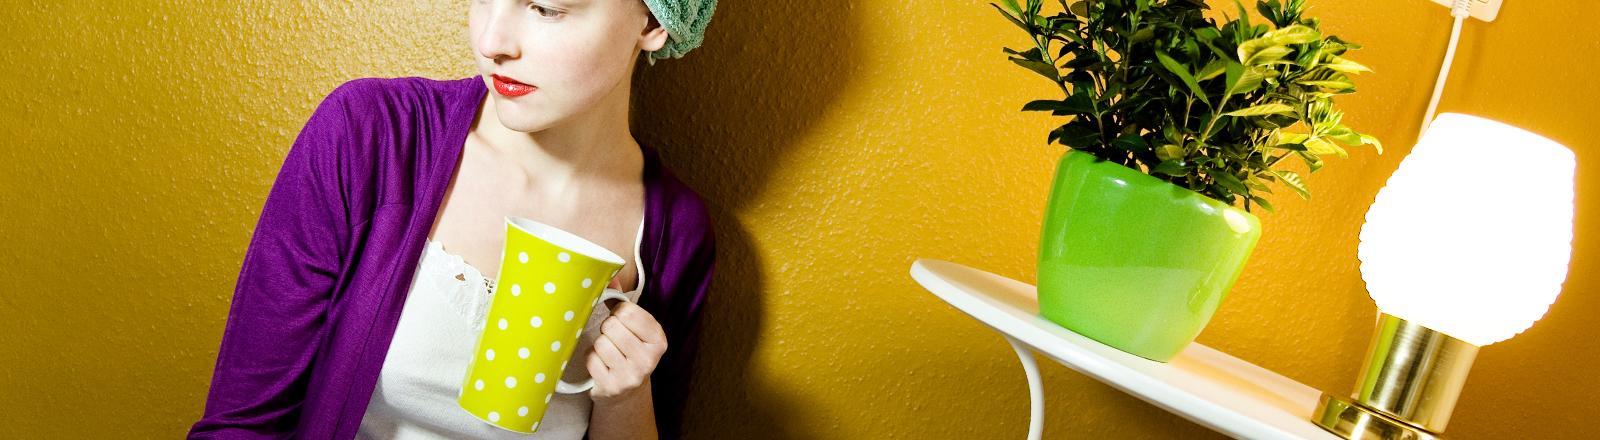 Eine Frau mit einer Tasse Tee in der Hand.